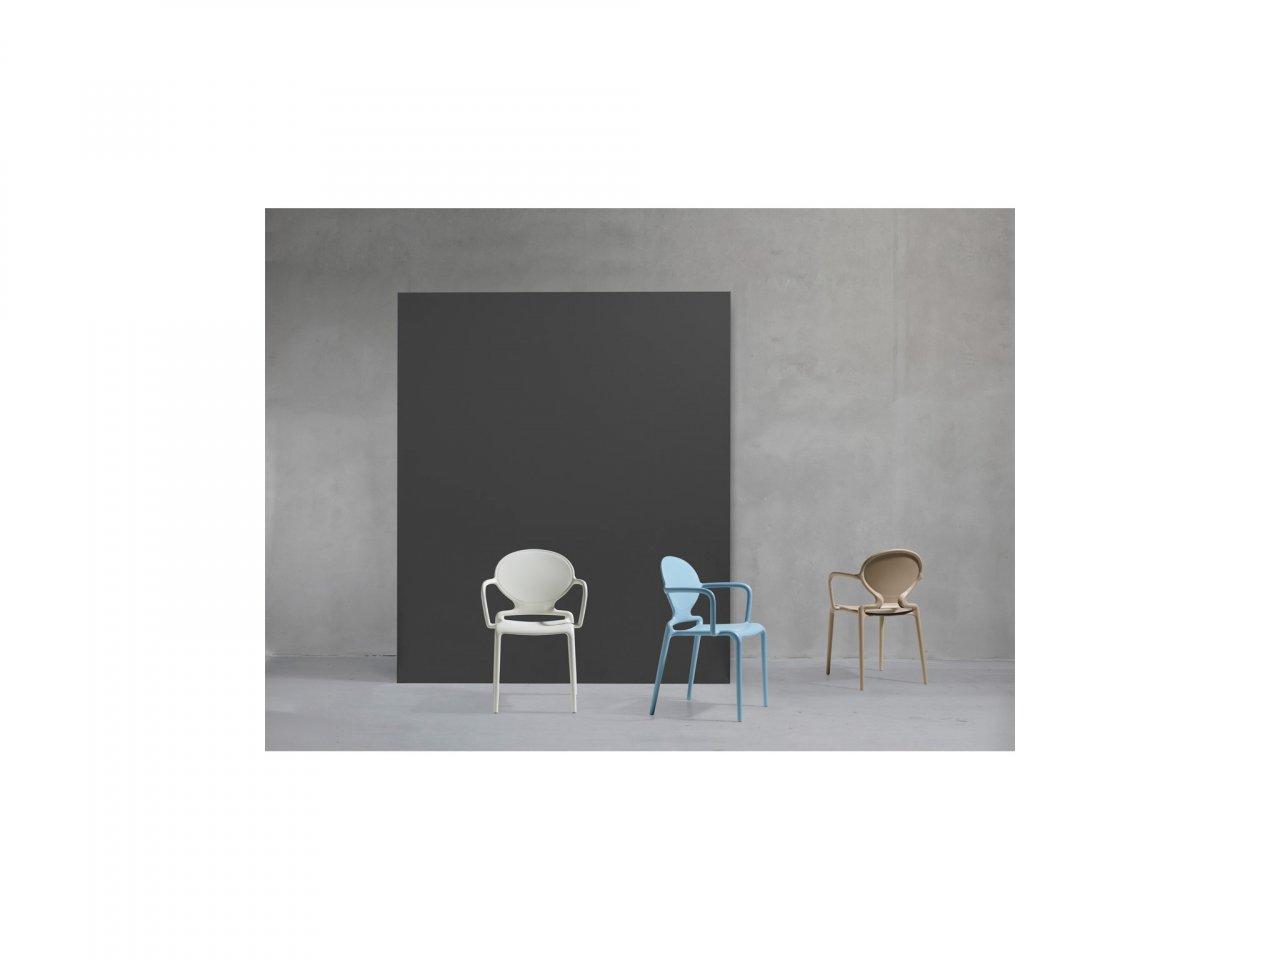 Sedia Con Braccioli Gio - v3